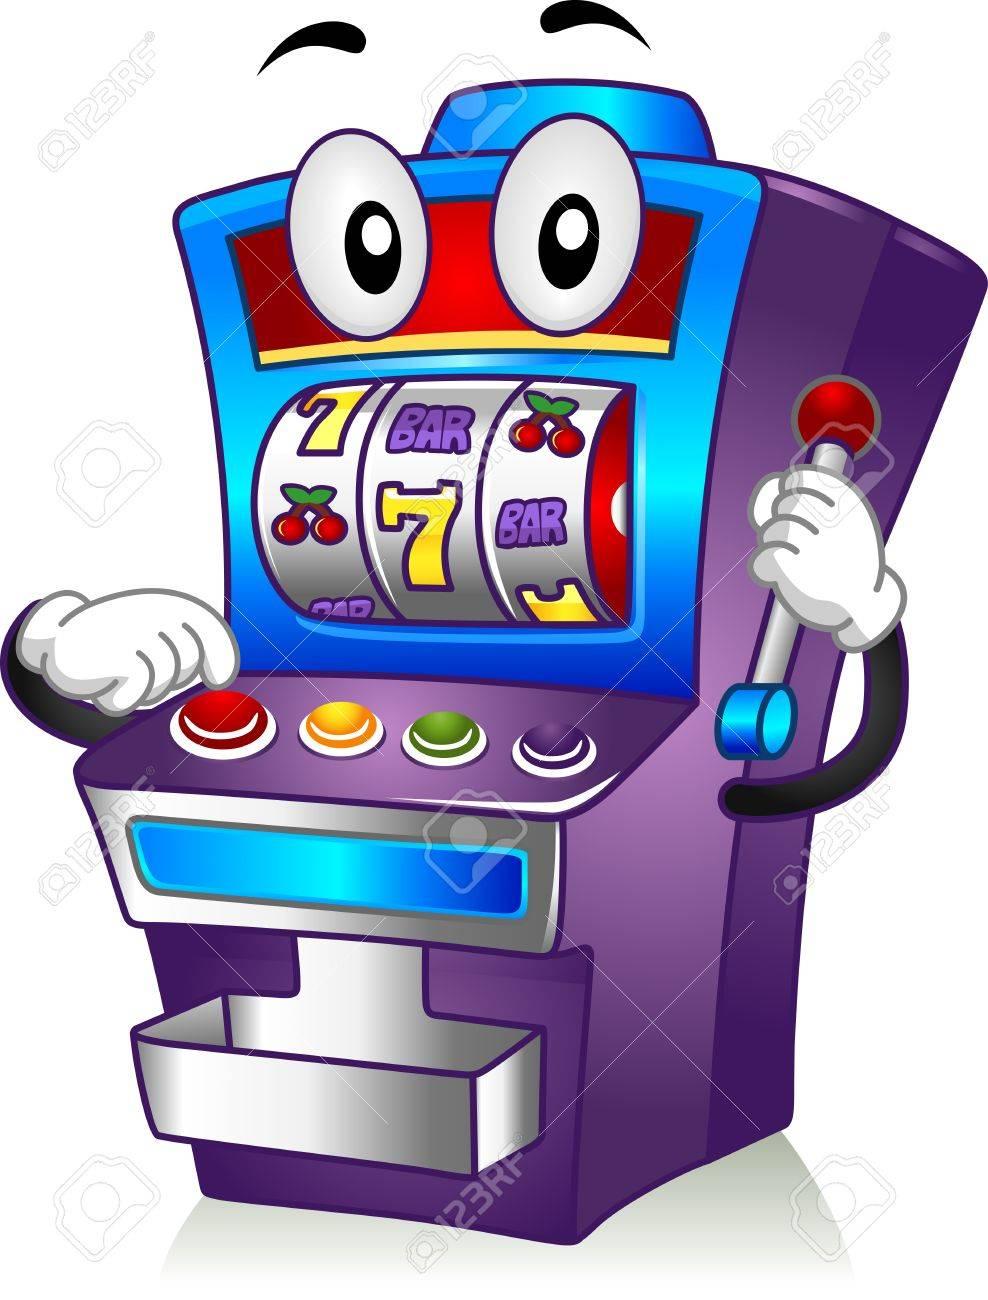 Талисман игровые автоматы боулинг бильярд питание ресторане детская игровая комната игровые автоматы существует